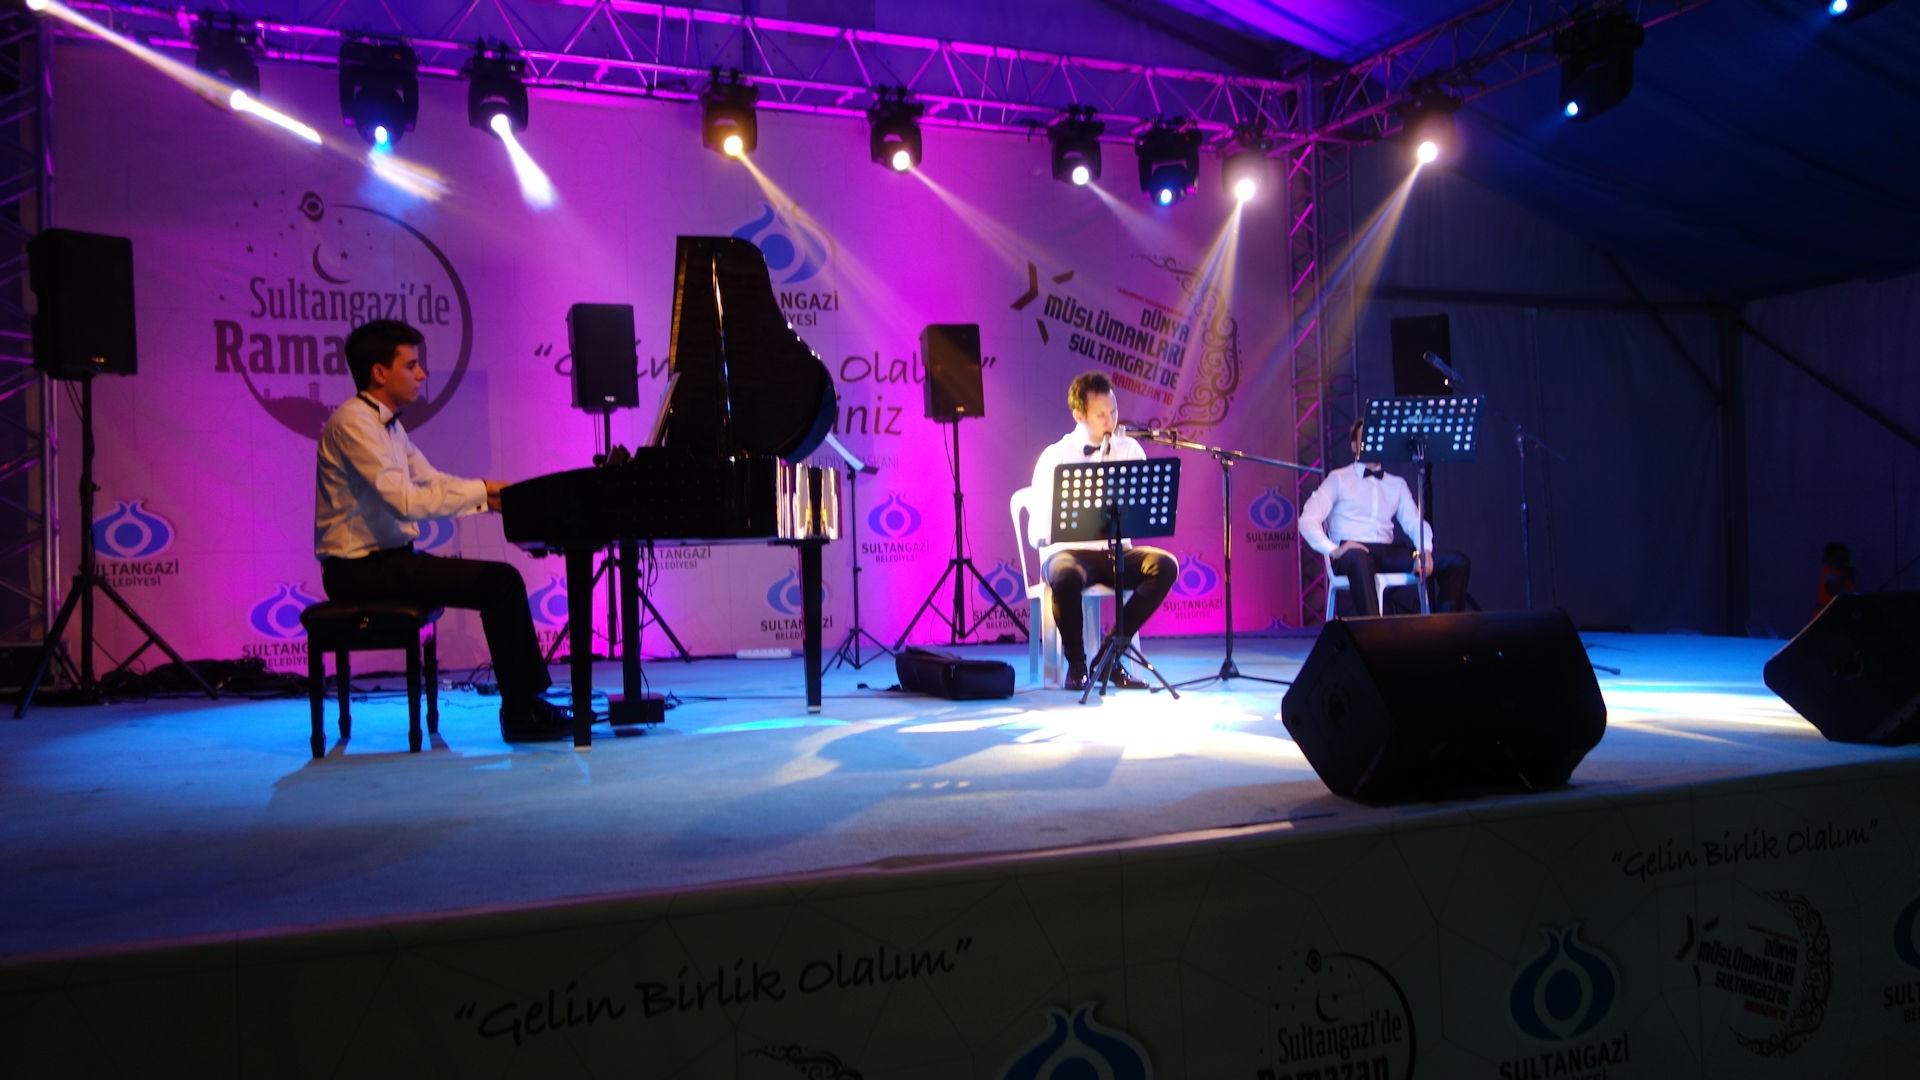 58. Sultangazi Tasavvuf İslami Dini Film Müzikleri Konseri 2016 Piyano Etkinliği Dinletisi. Genç Pianist PianoTurco Resitali 3